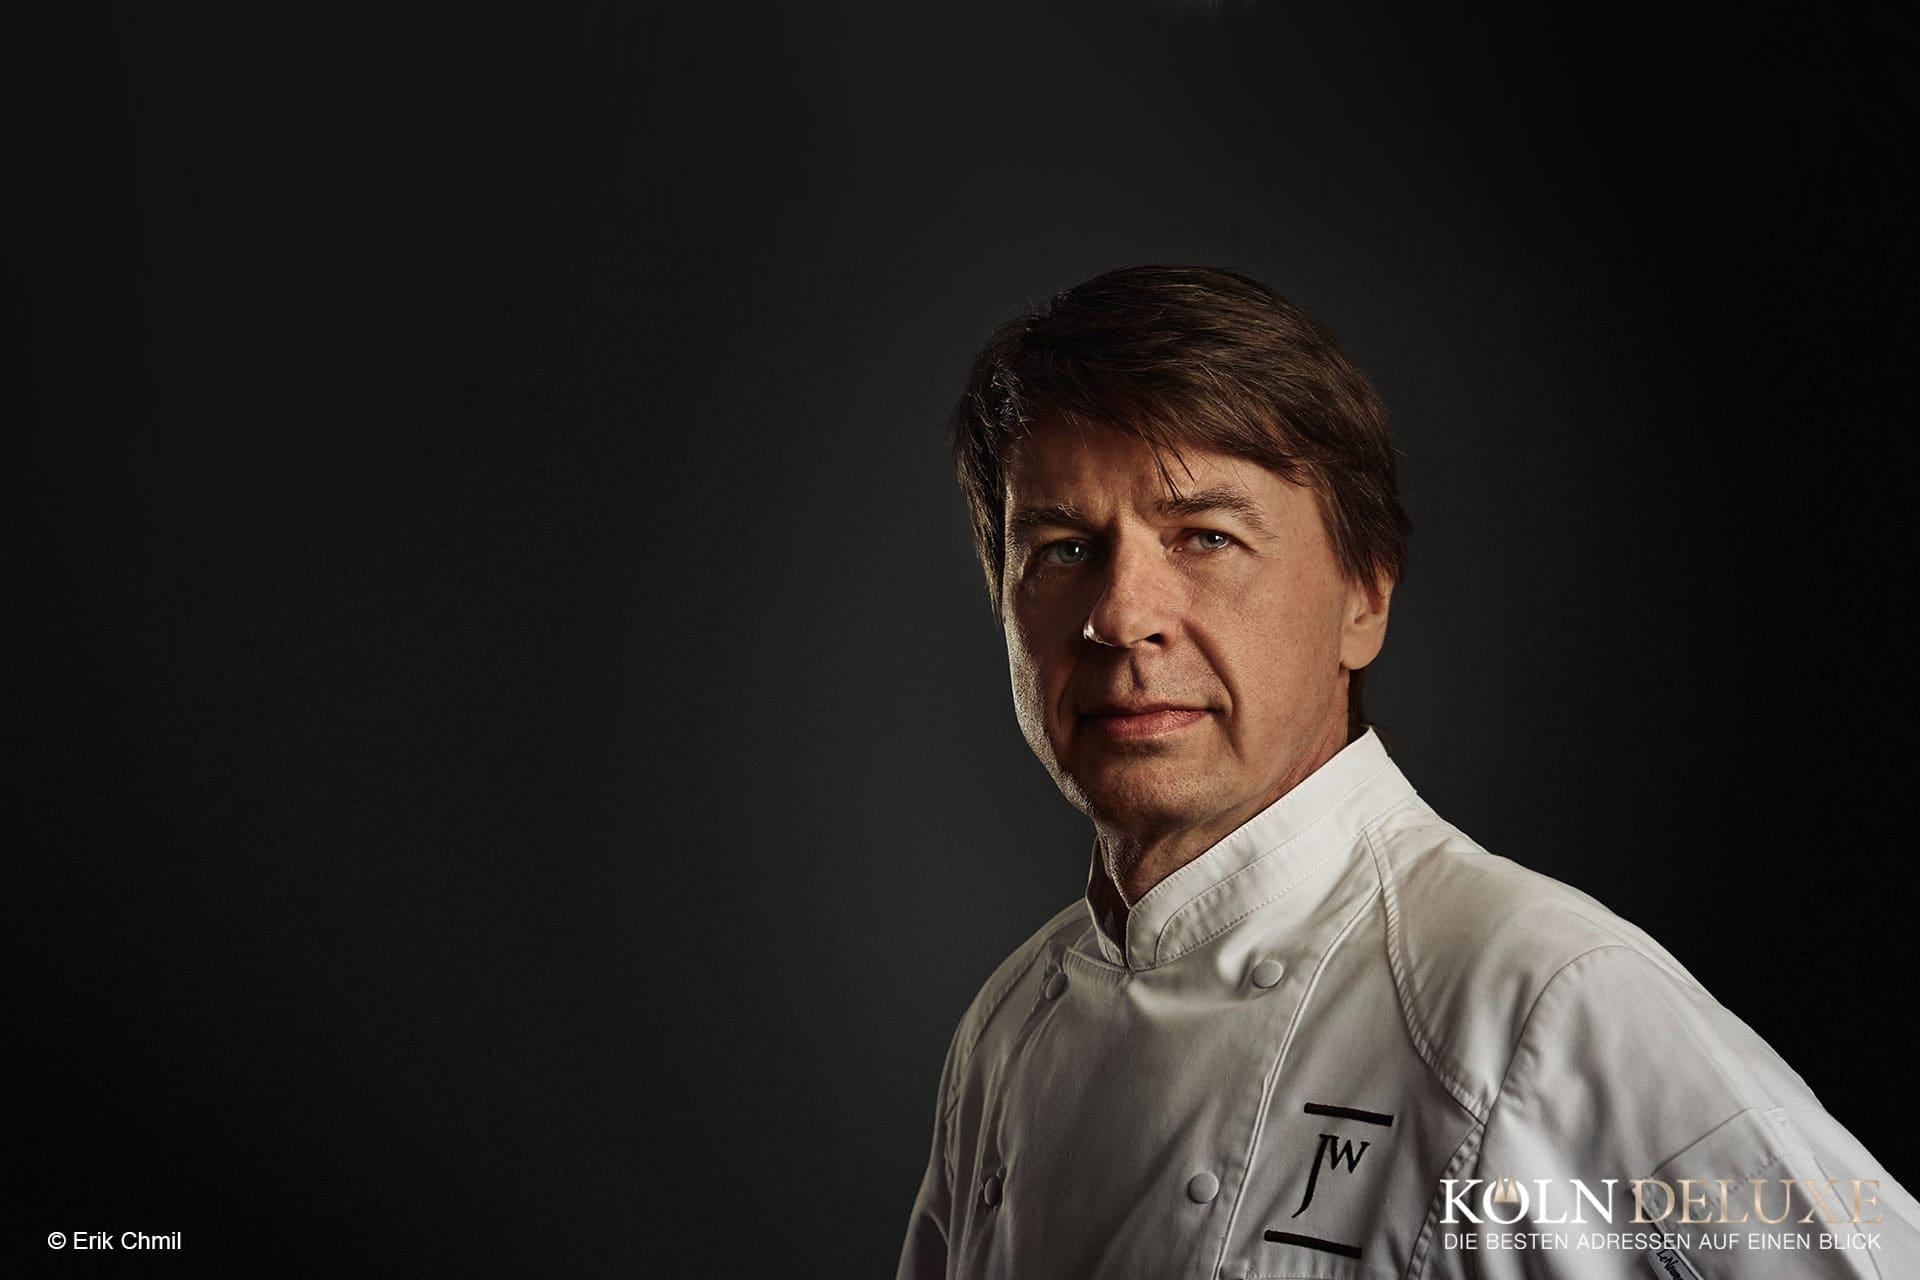 Joachim Wissler vom Restaurant Vendôme wird erneut mit drei Sternen ausgezeichnet